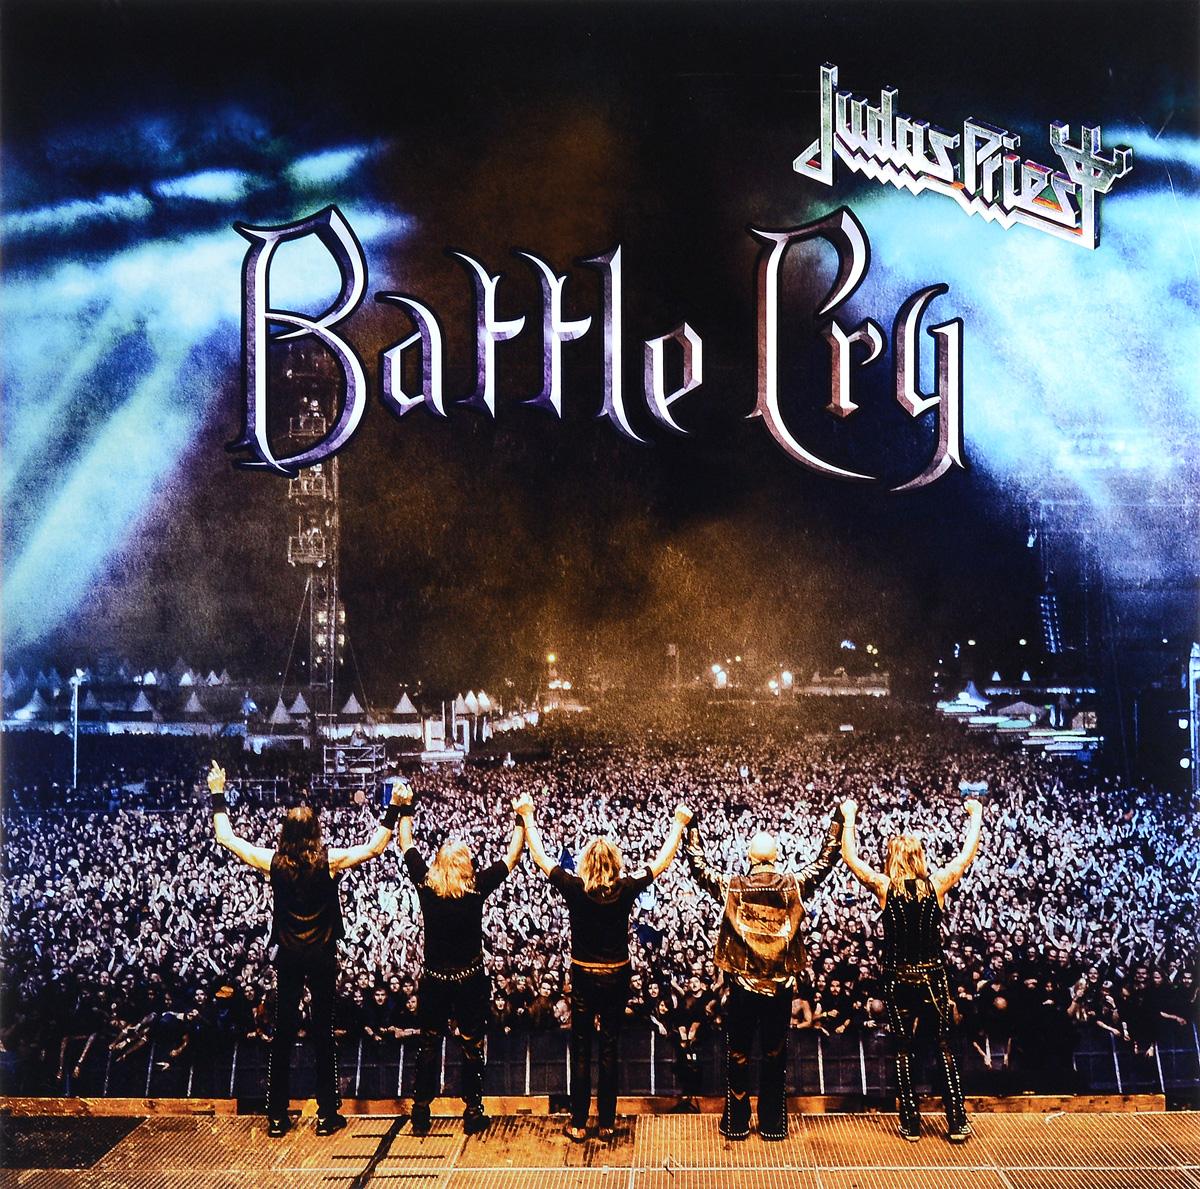 Judas Priest Judas Priest. Battle Cry (2 LP) cas lp 15 v 1 6